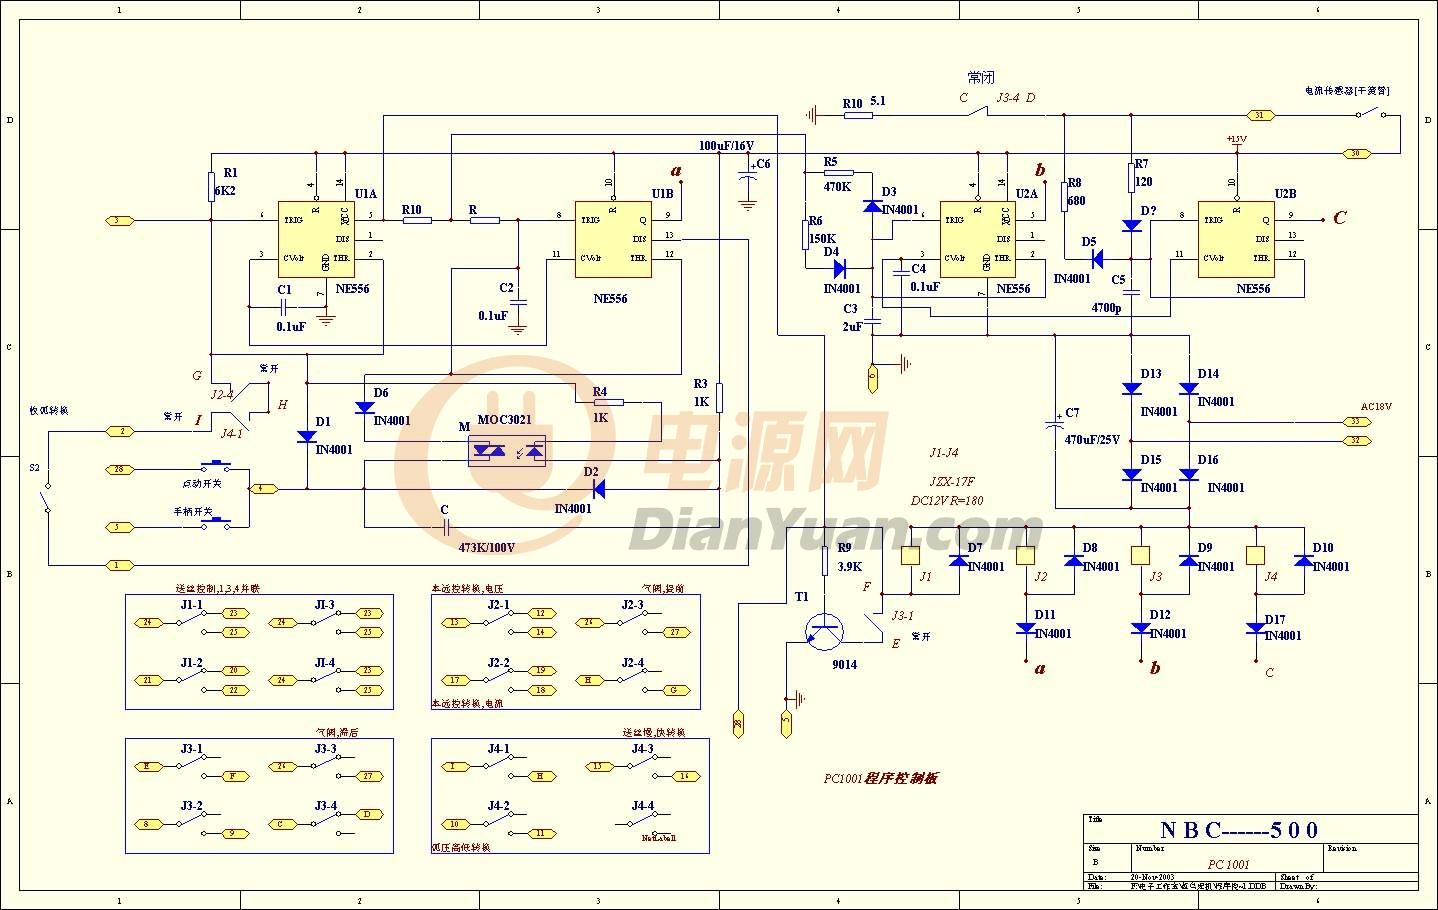 此电路包括一个配置为互阻抗放大器的单电源运算放大器,该放大器的带宽大于 1MHz,用于放大光电二极管的光依赖电流。